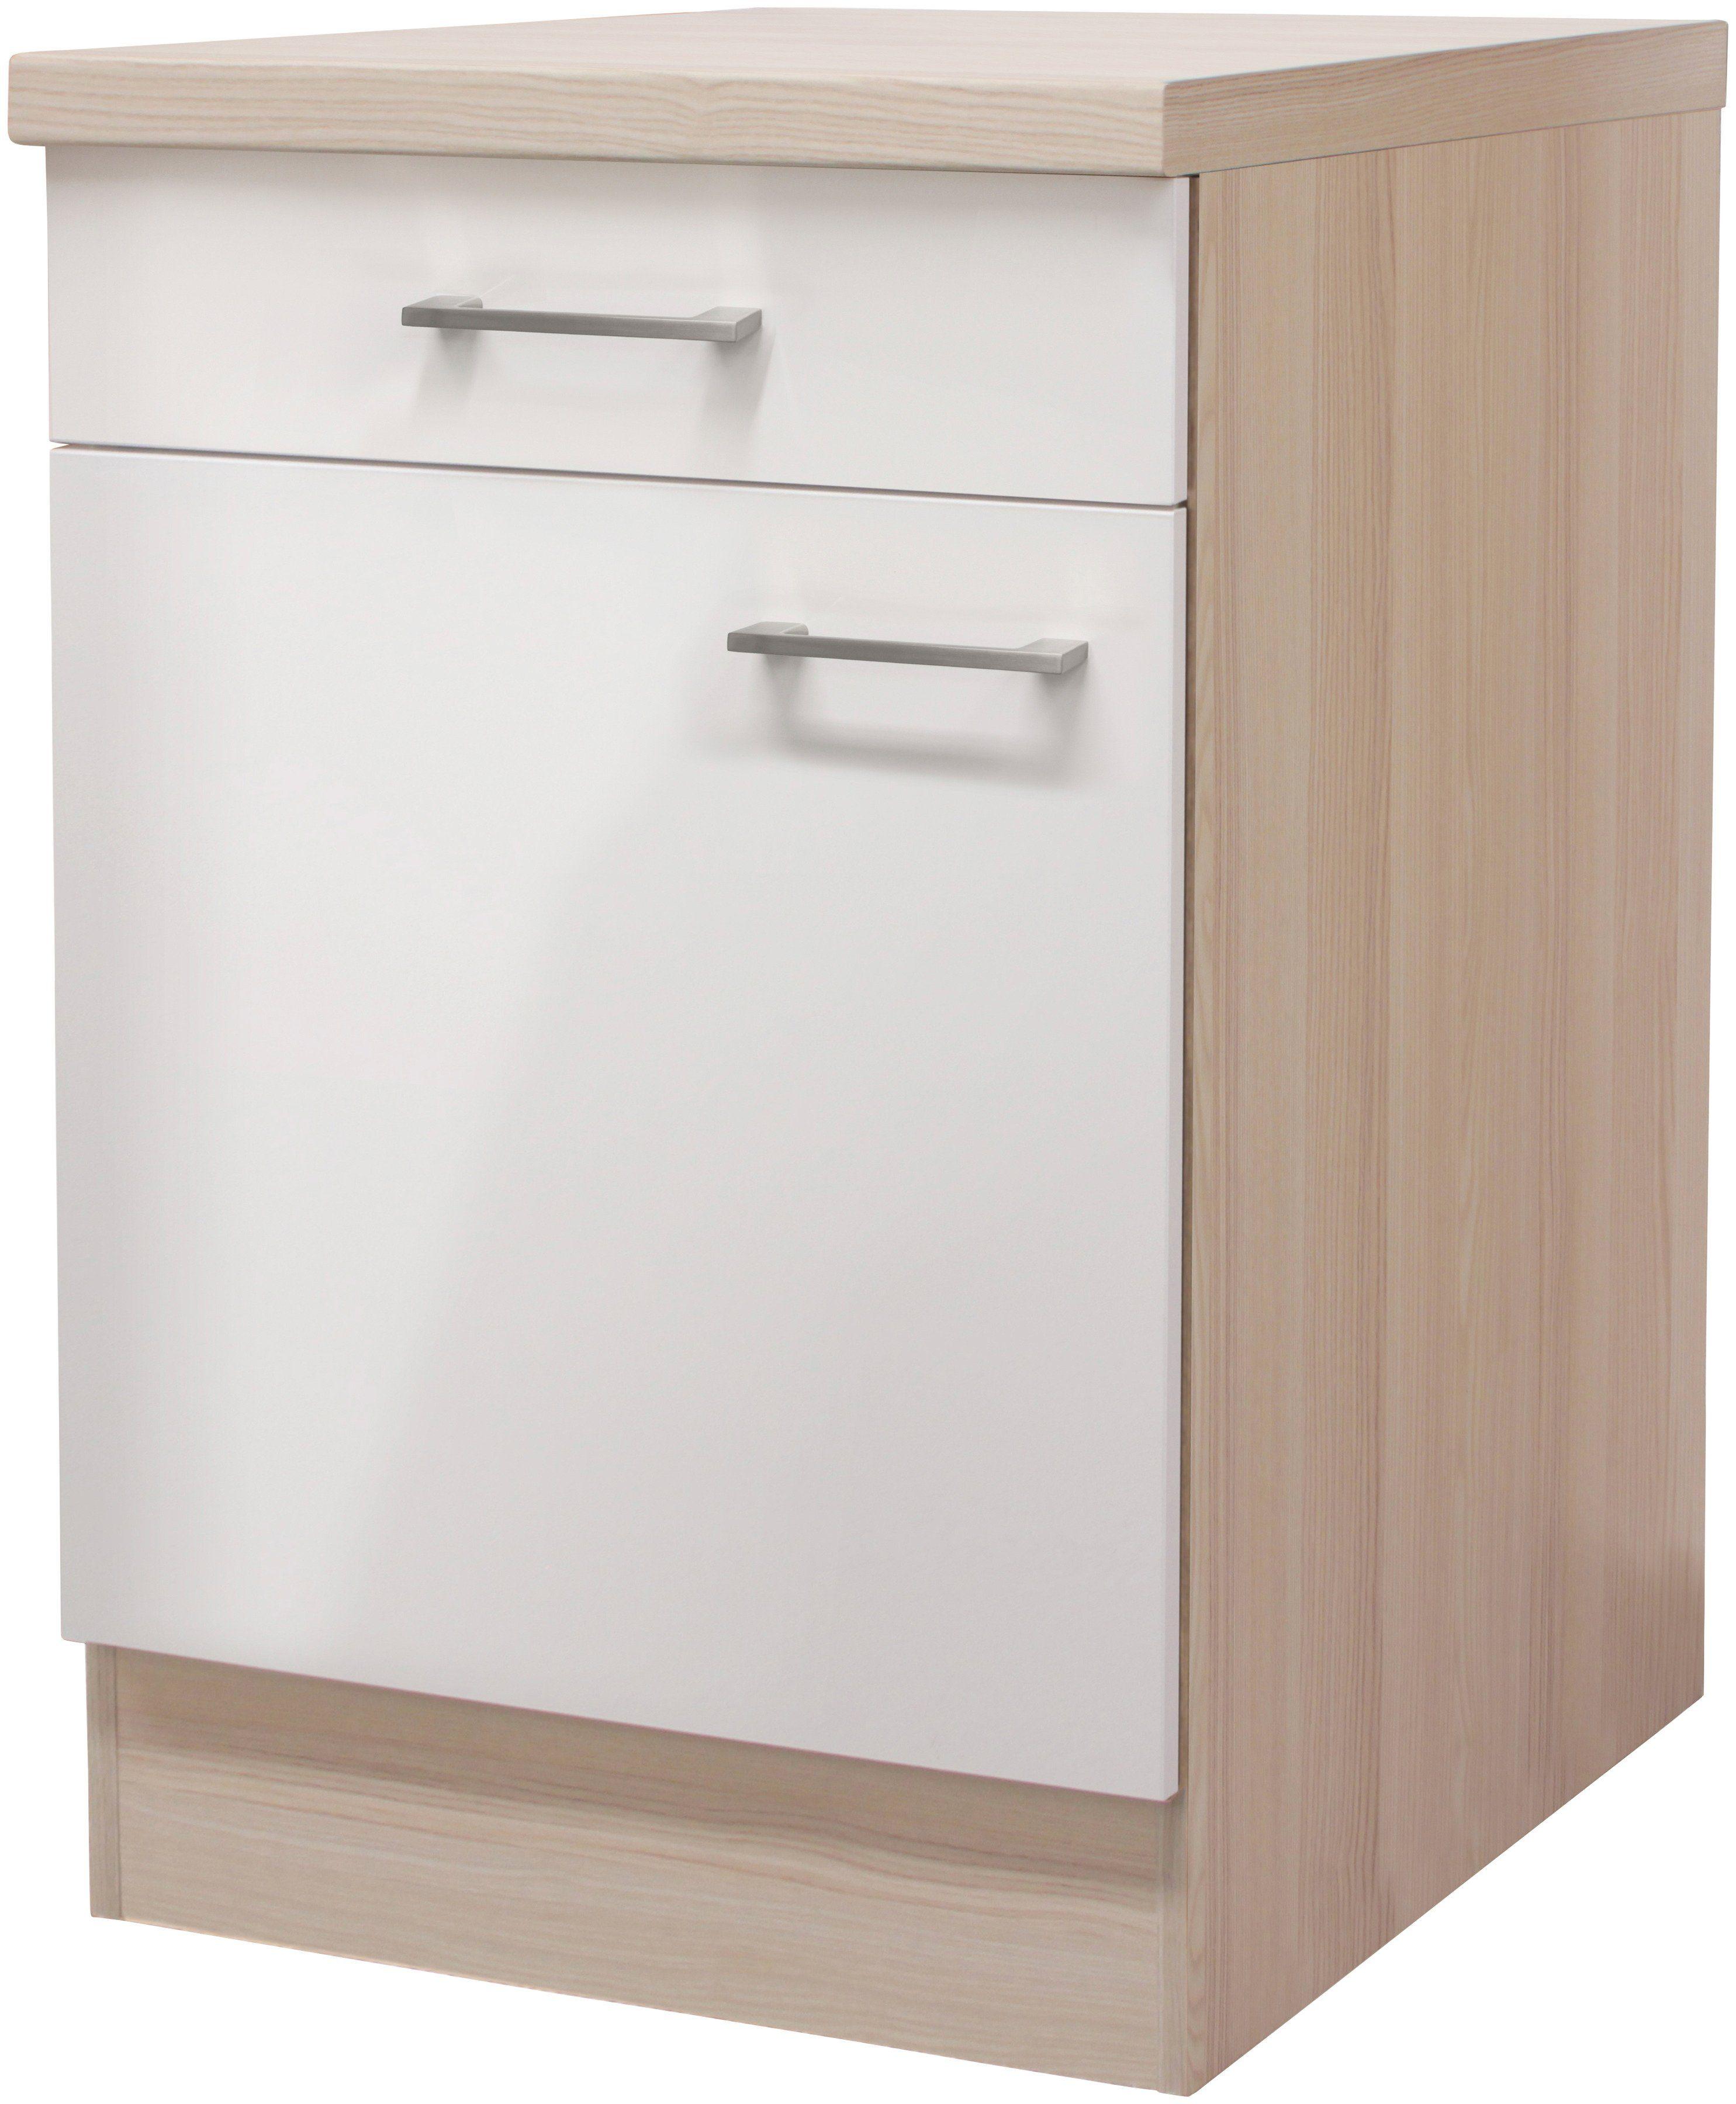 Küchenunterschrank »Oregon«, Breite 60 cm